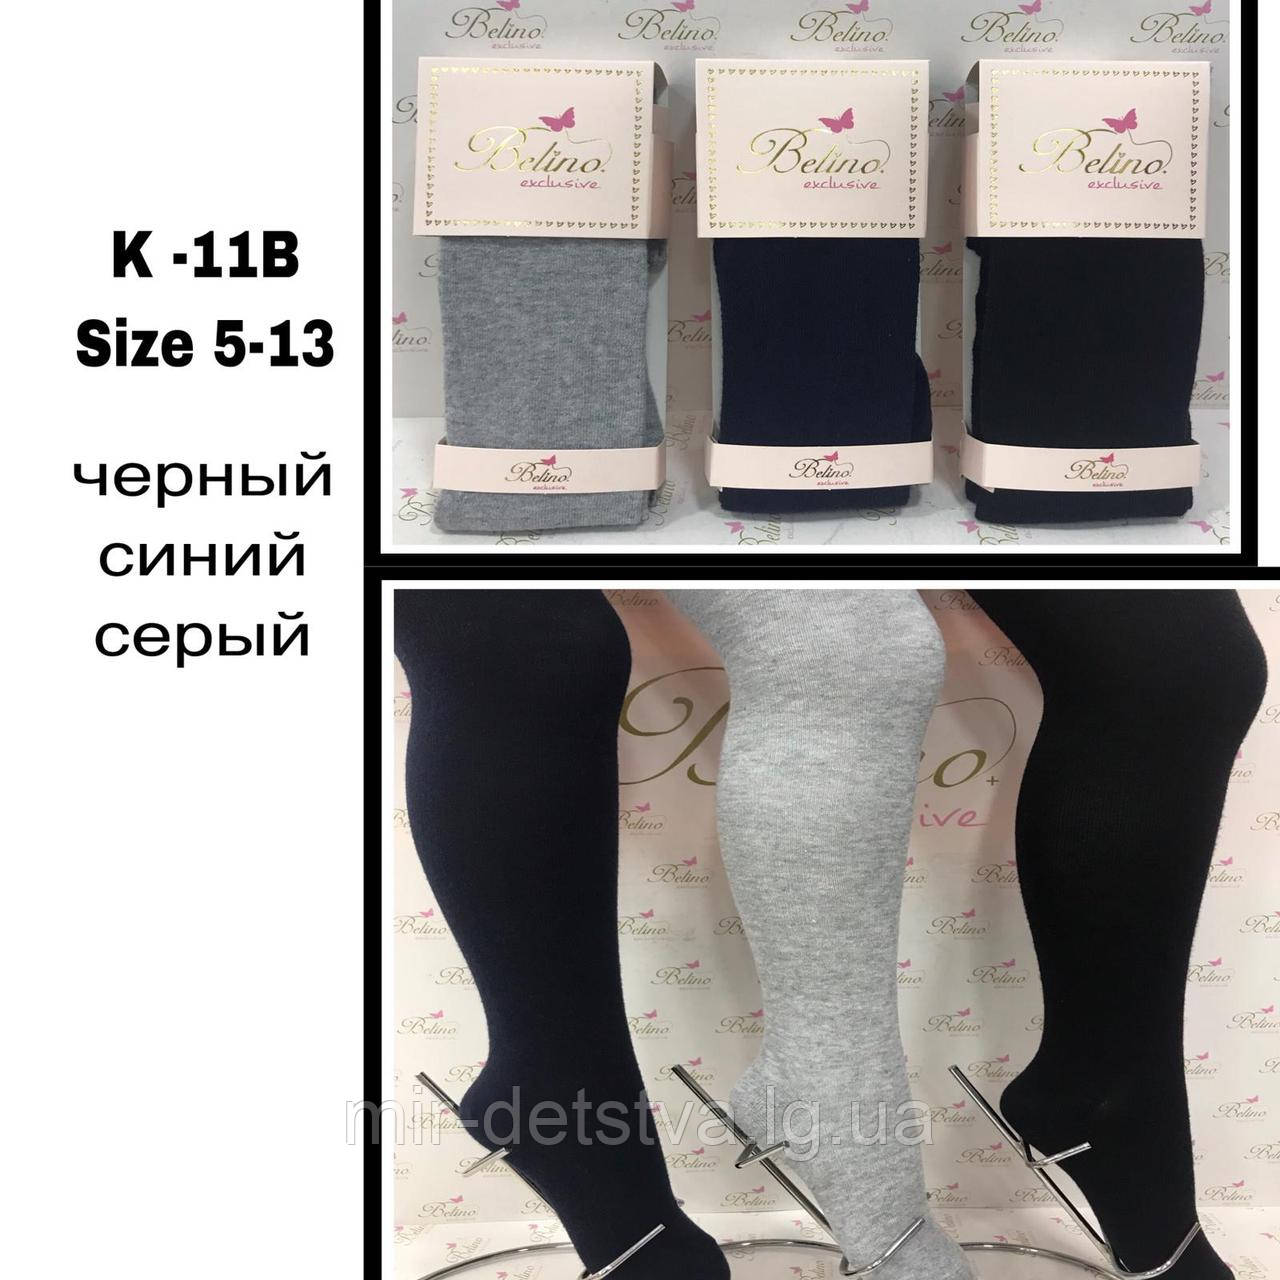 Однотонные детские колготки оптом, Турция ТМ Belino р.5-6 лет (110-116 см)